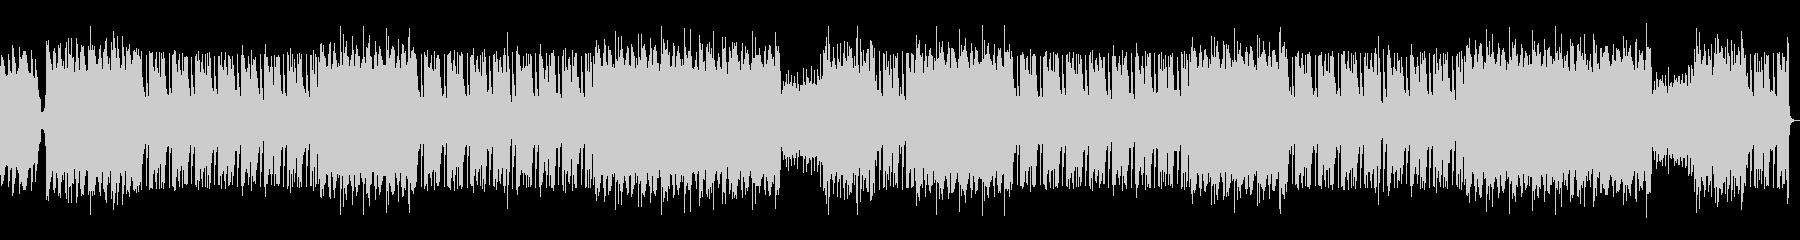 ダークなシーケンスBGMの未再生の波形